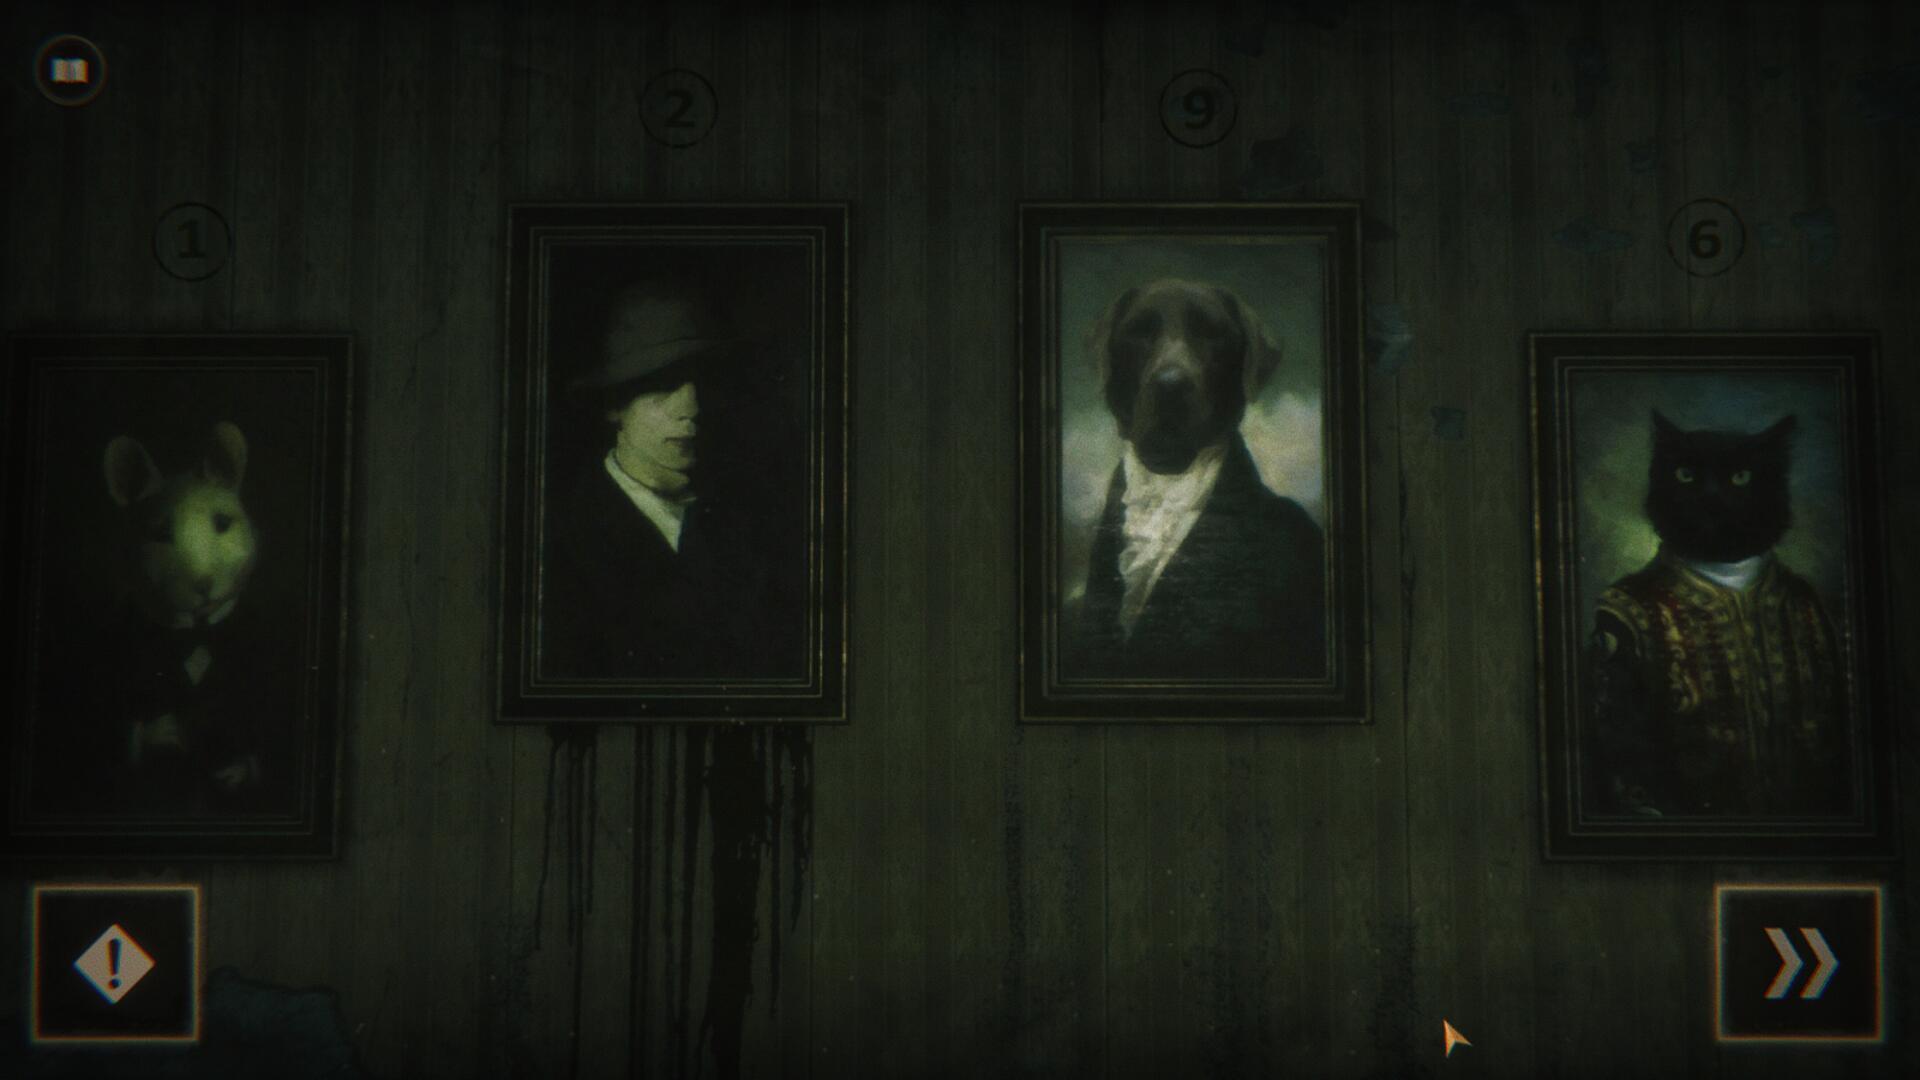 Darkroom游戏攻略 暗室普通难度第一章